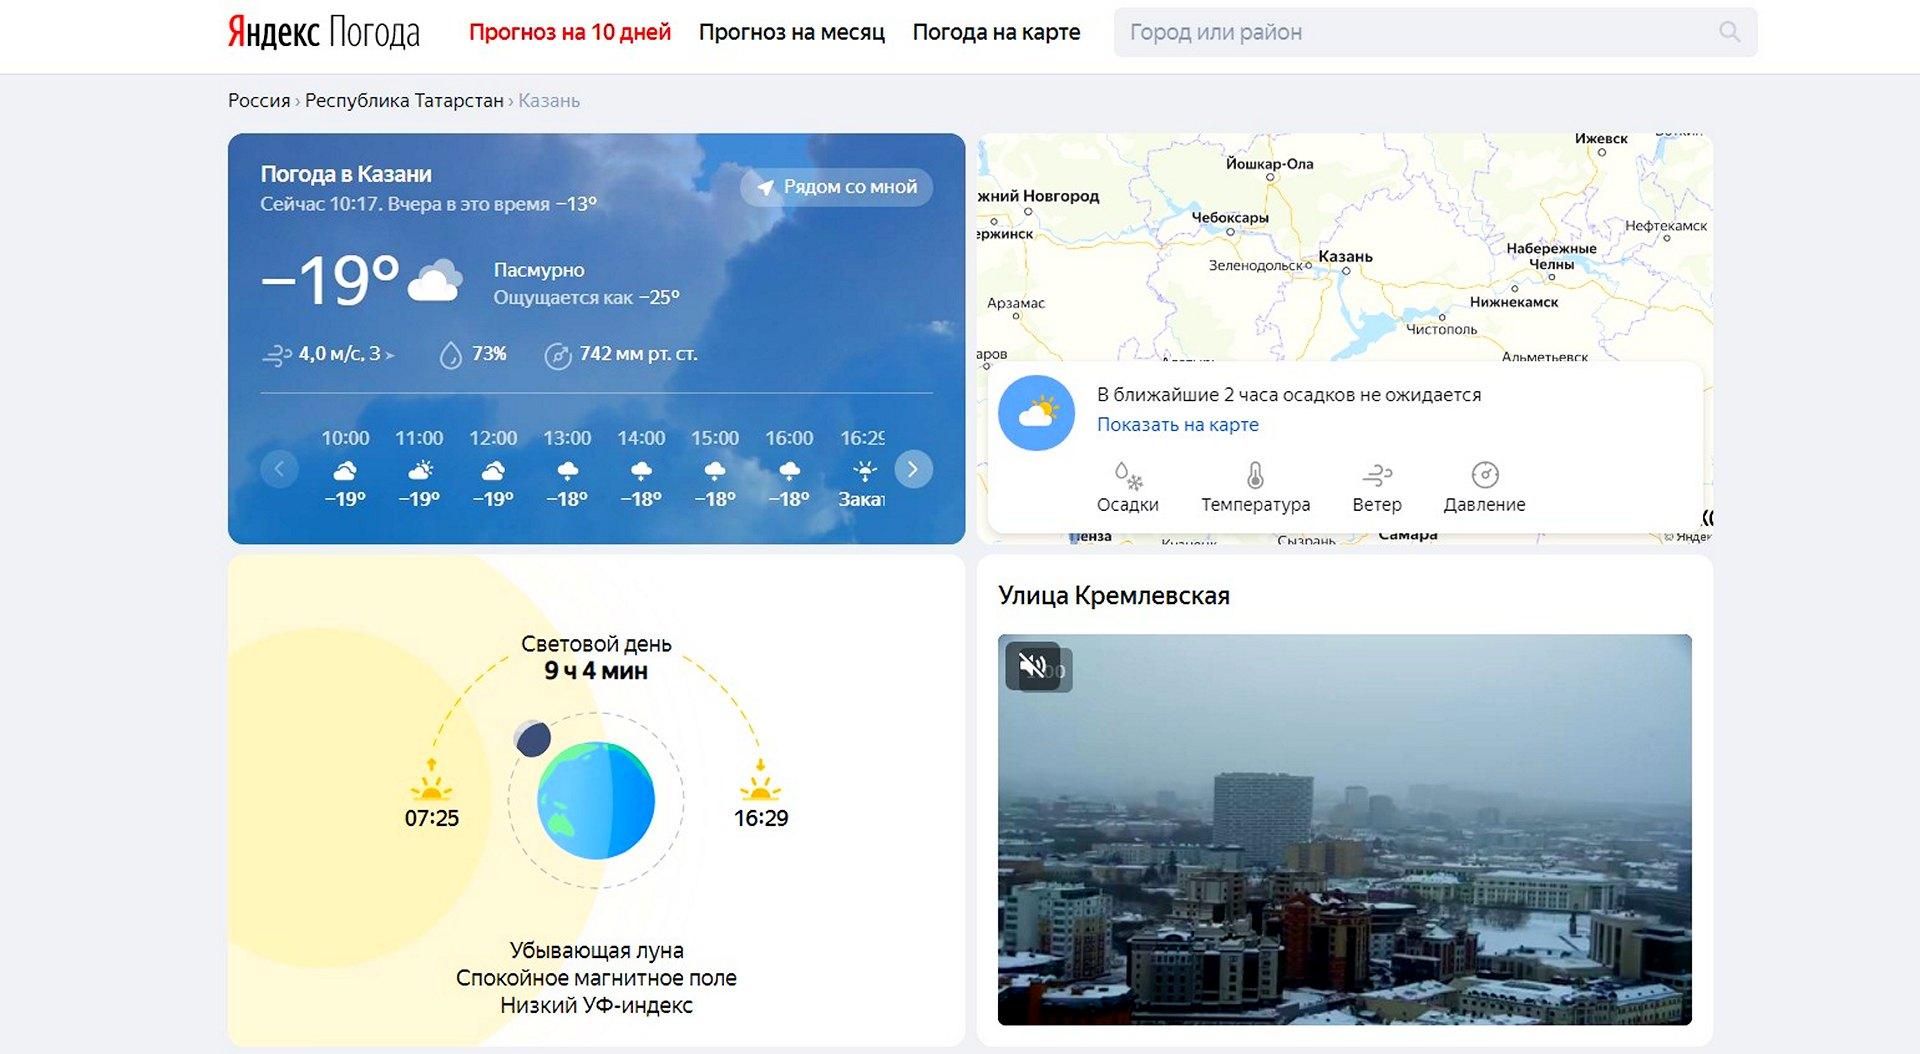 сайт точного прогноза погоды яндекс погода